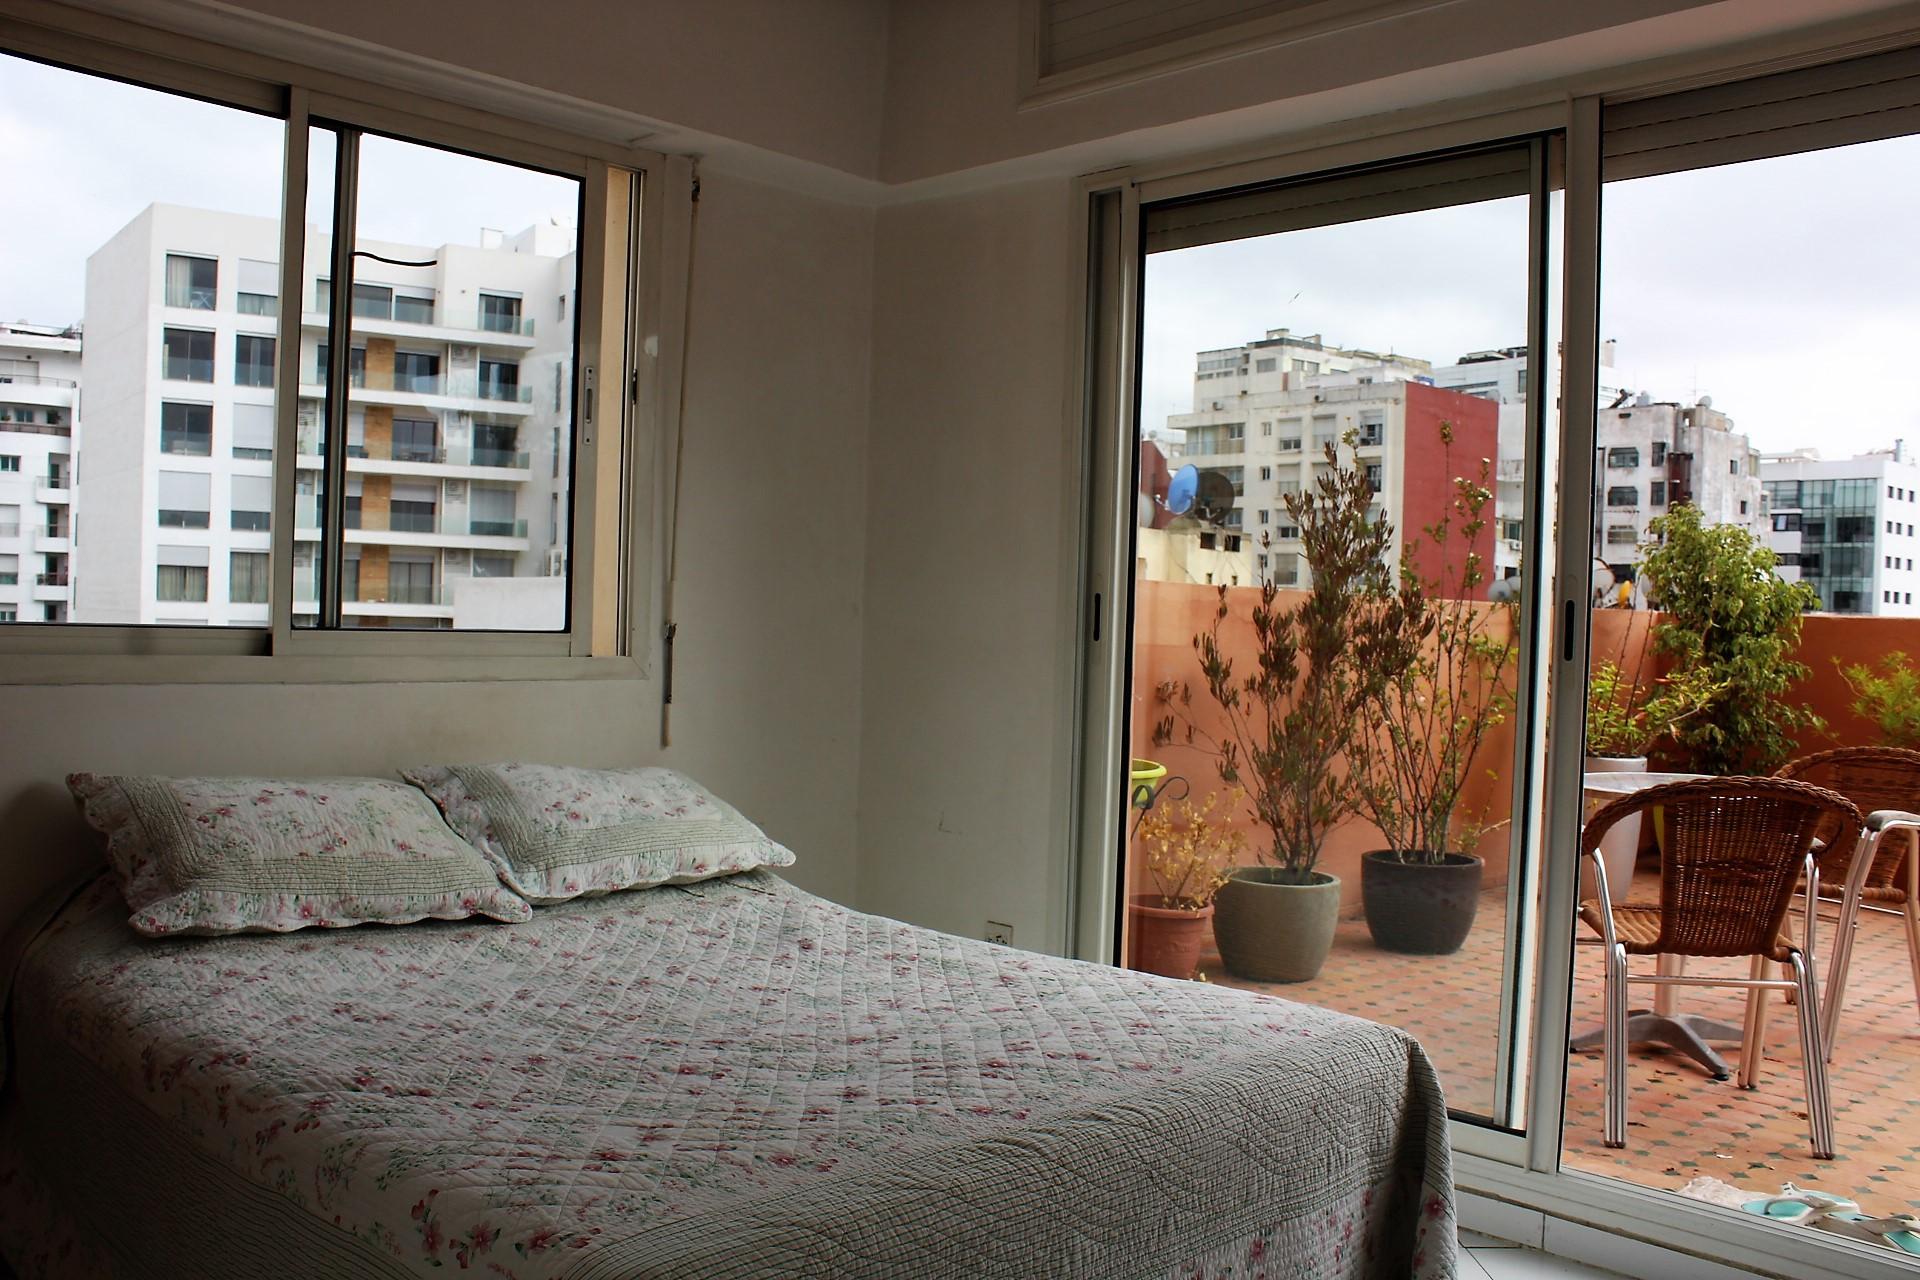 Maroc, Casablanca, vend appartement de 127 m² (dont terrasse 27) au 6 éme étage situé entre le Bld Anfa et le Bld Ziraoui, proche lycée Lyautey.